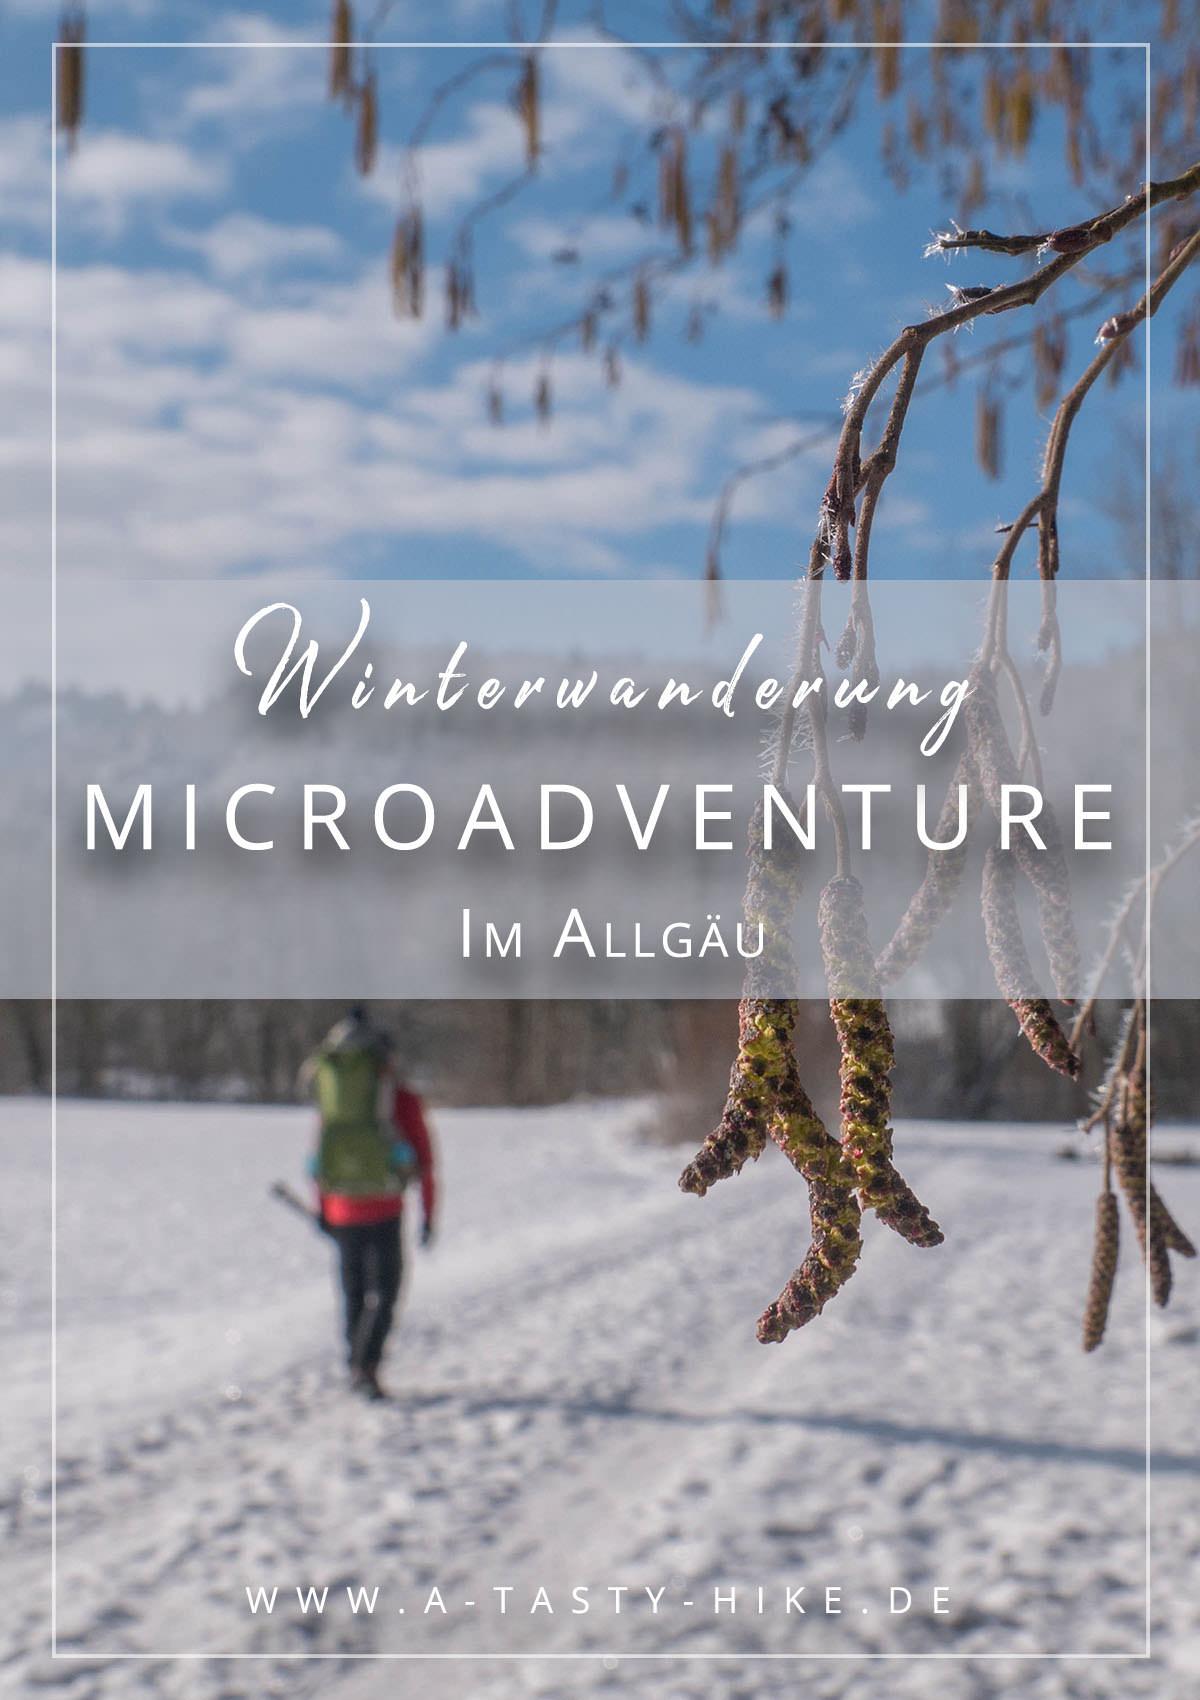 Tolles Microadventure im Allgäu - Winterwandern bei Schmiedsfelden - Mini Wanderung durch den Schnee im Allgäu #Winterwandern #Allgäu